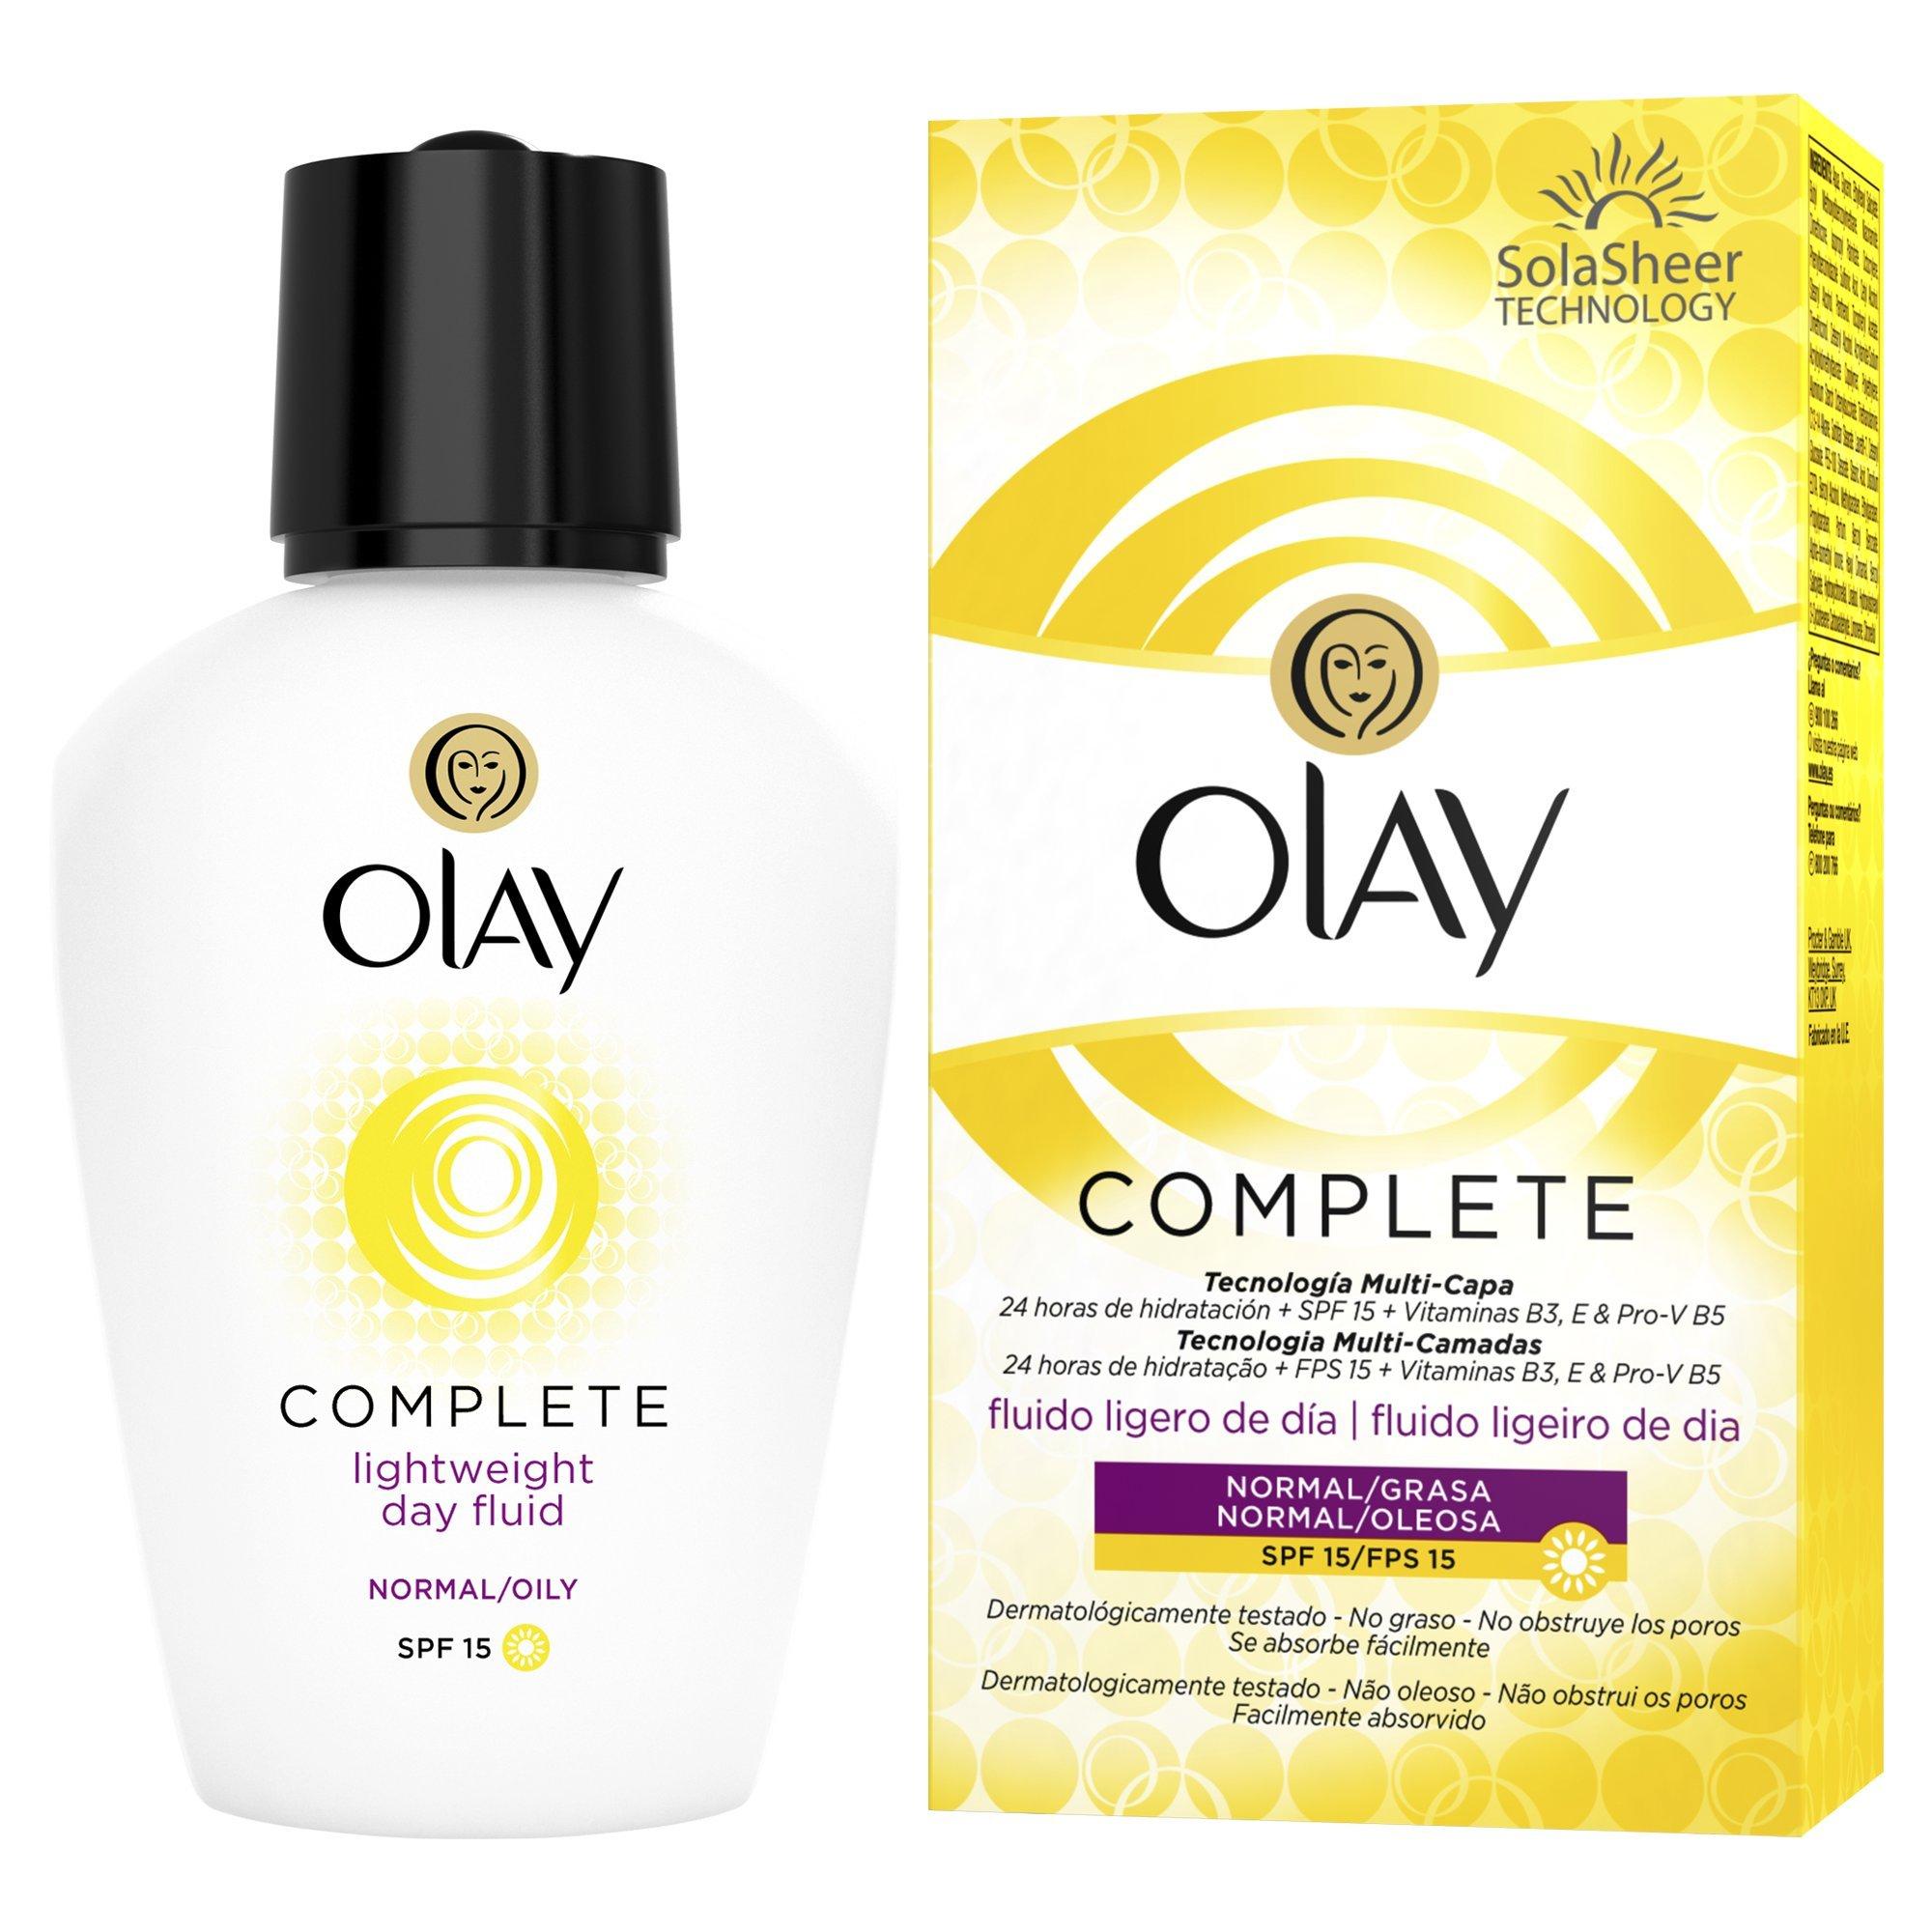 Olay Complete 3en1 Fluido hidratante ligero de día con SPF15 (pieles normales/grasas) – 100ml